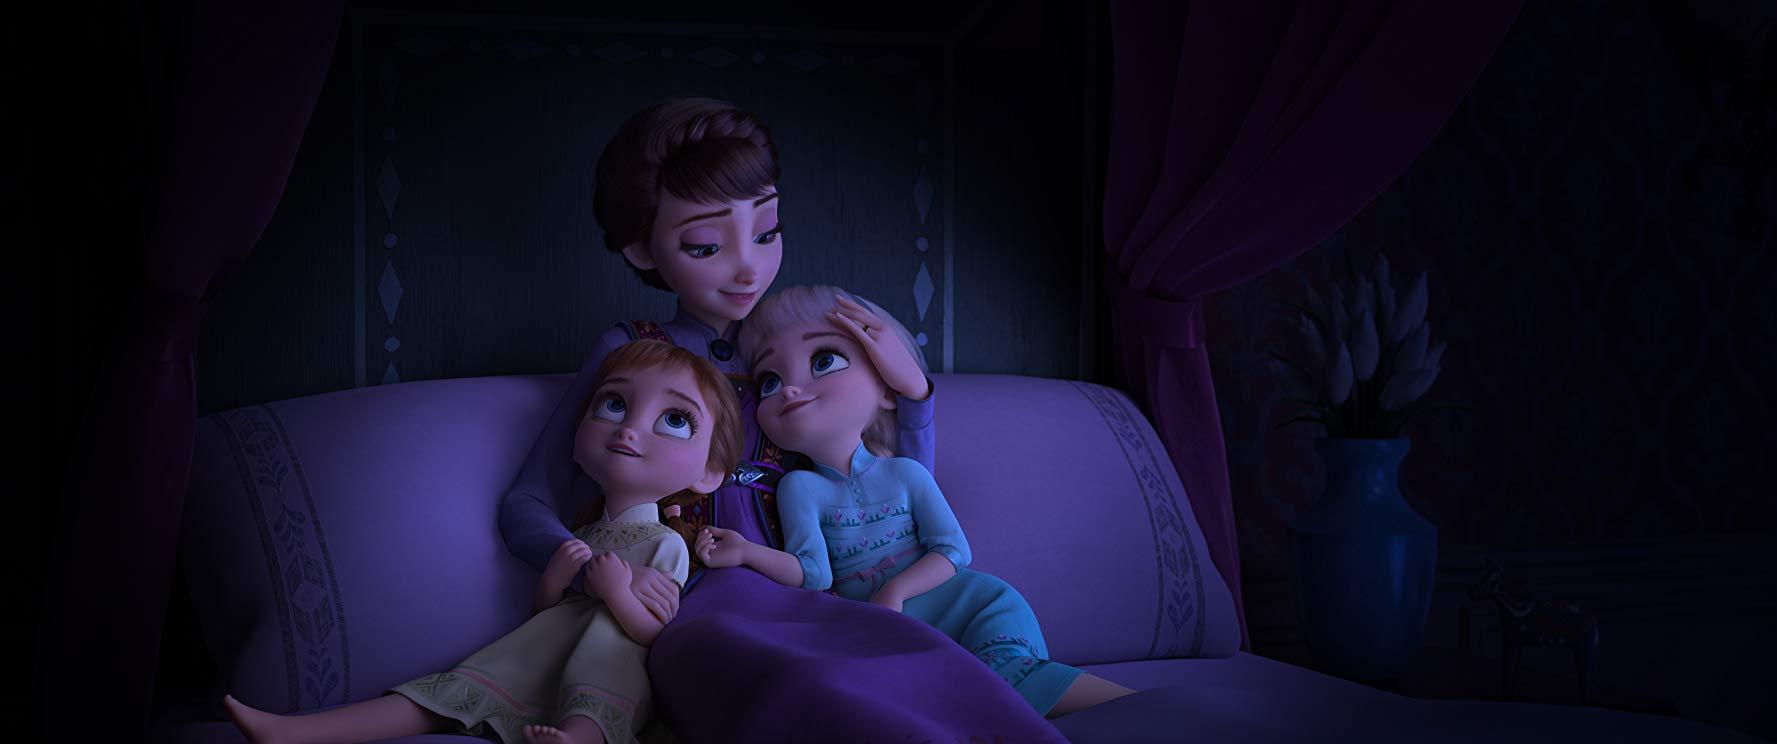 Reseña de la película Frozen 2 - Frozen II (2019)